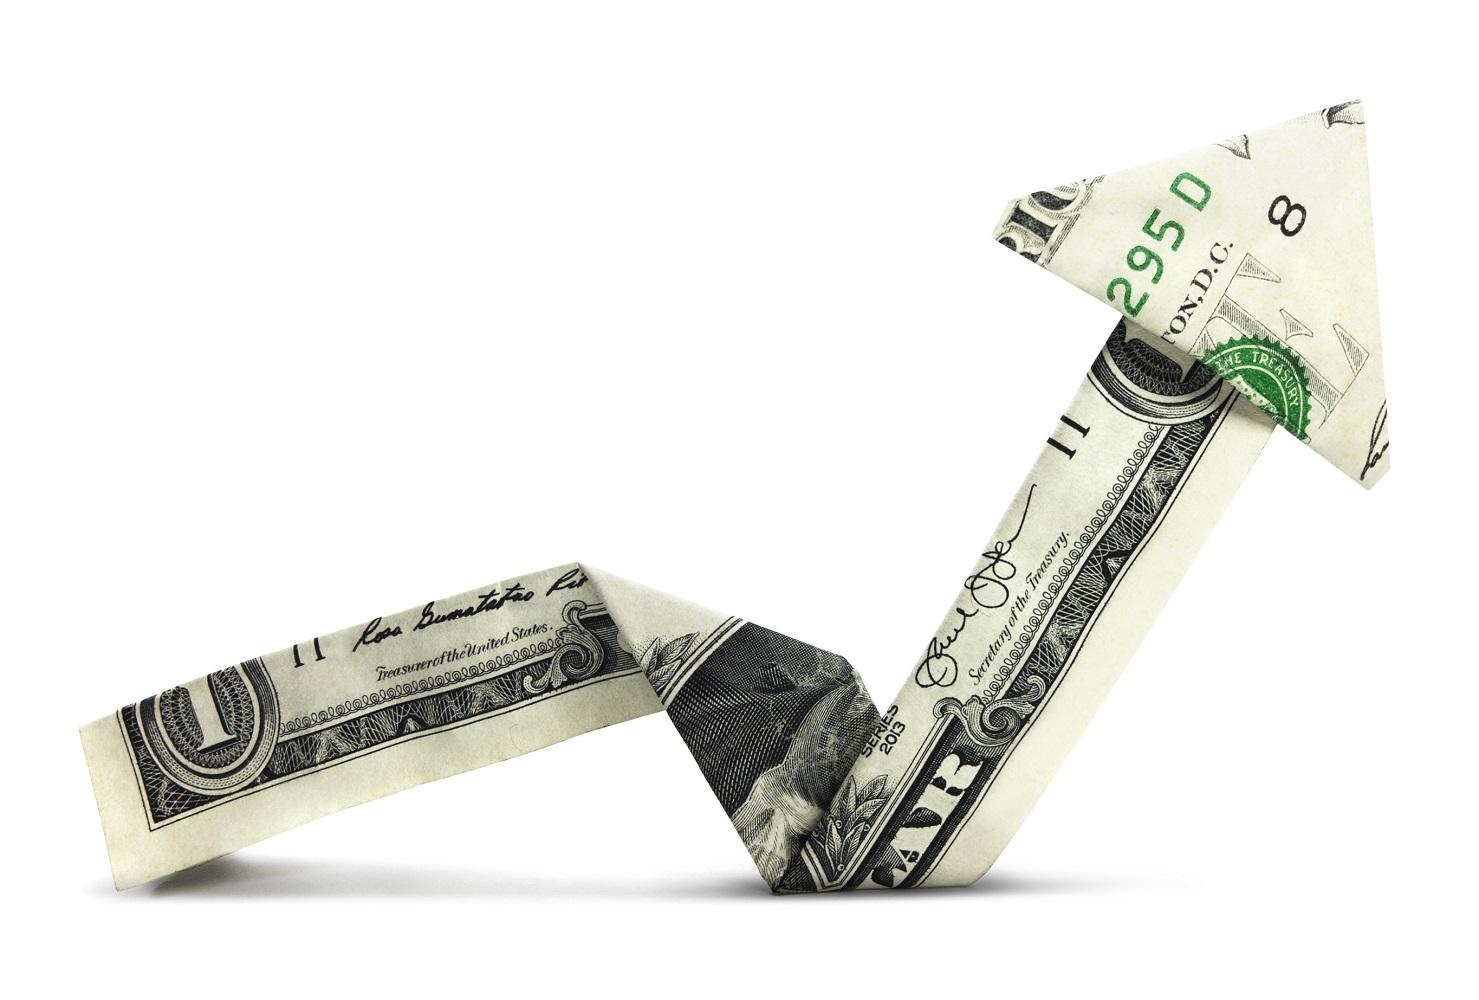 Dollar bill folded into an arrow aimed up.